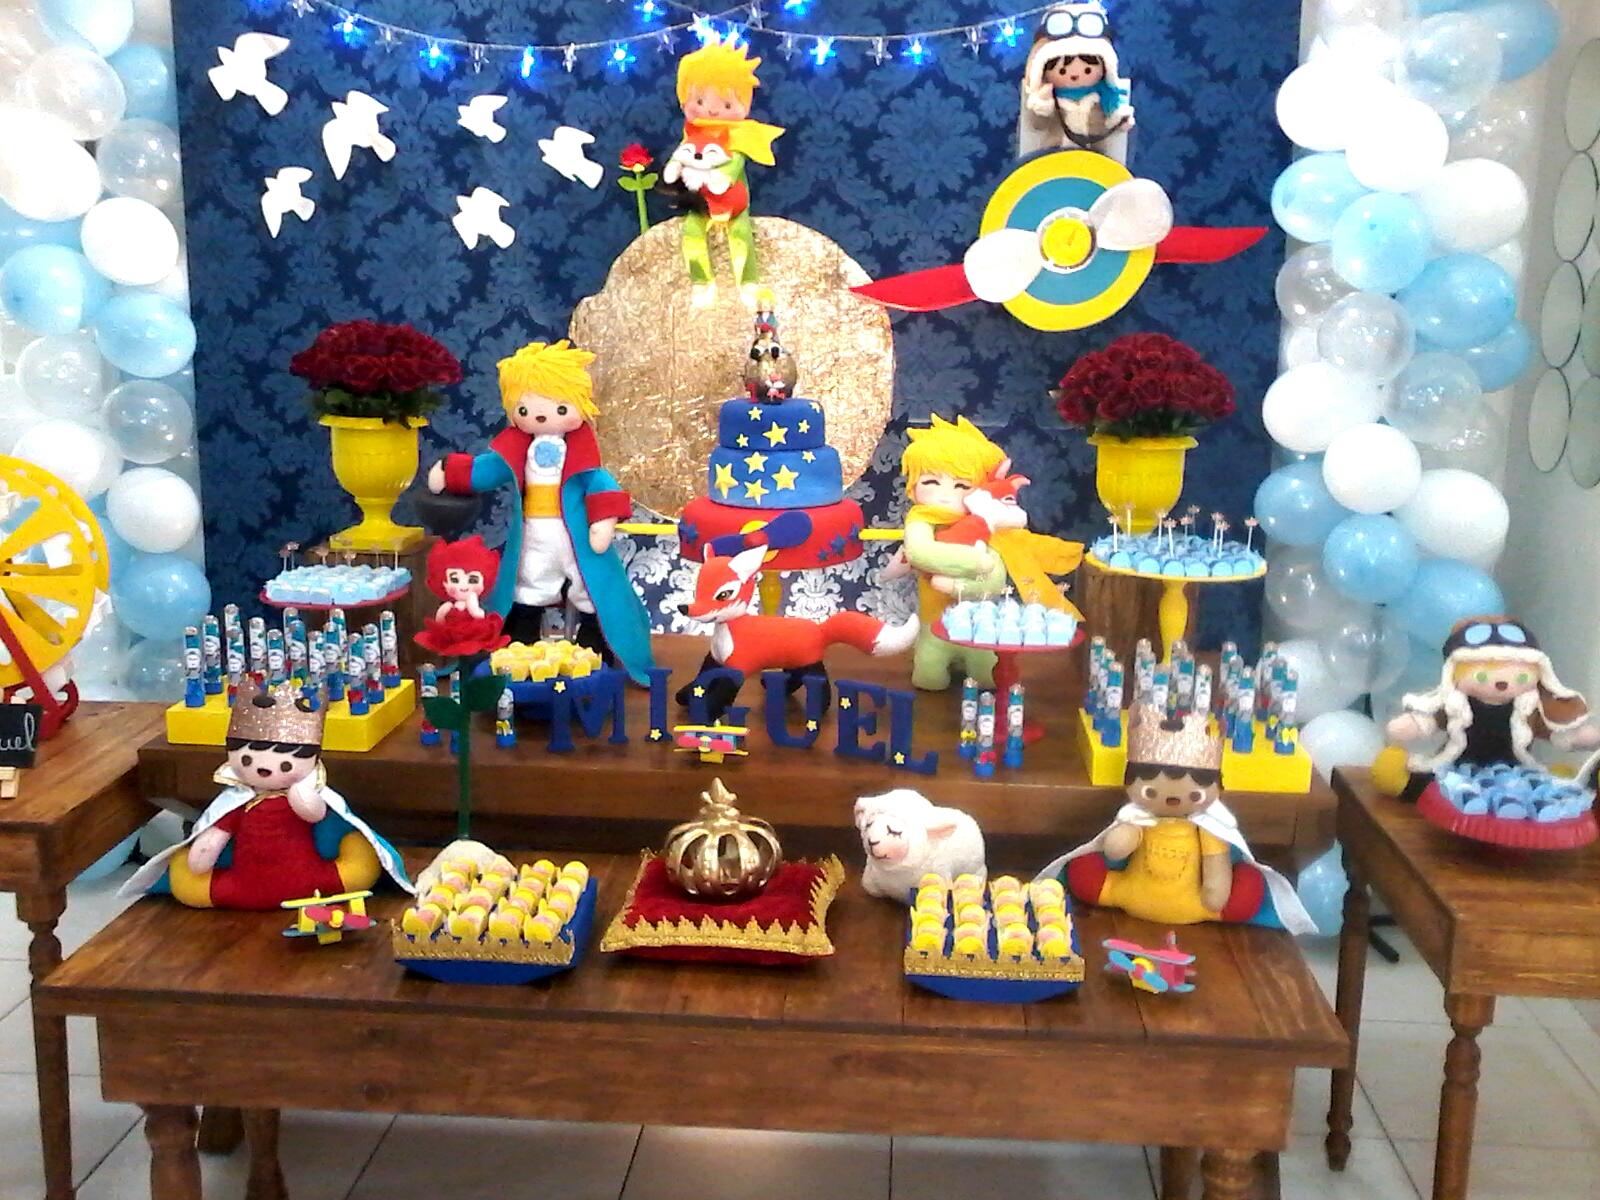 festa de criança. Decoração para festa infantil